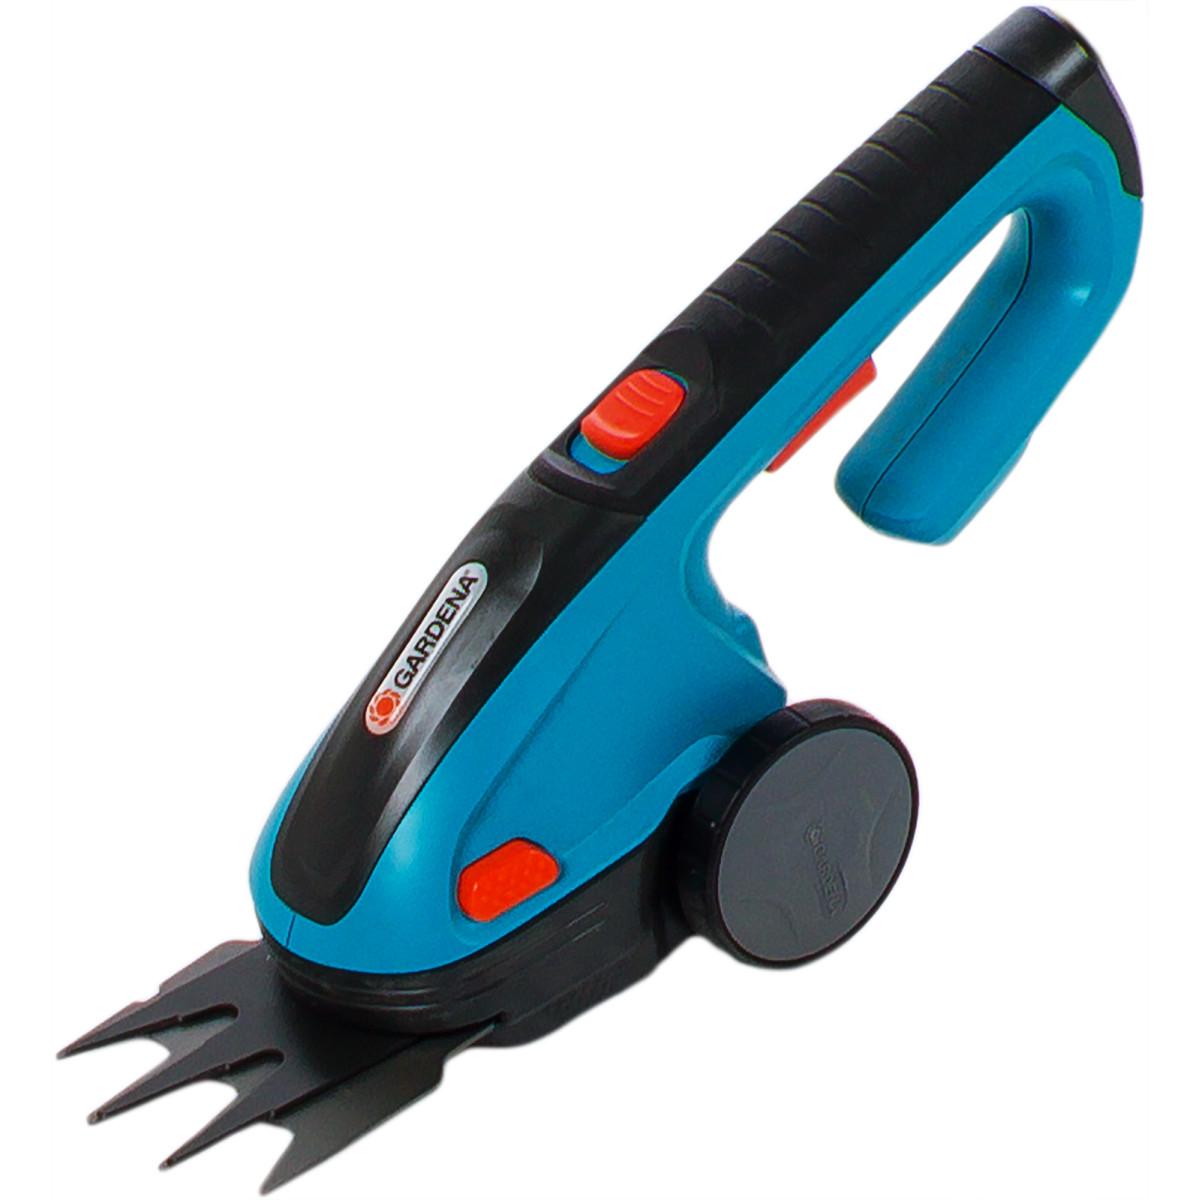 Ножницы аккумуляторные Gardena Classic Cut с телескопической рукояткой